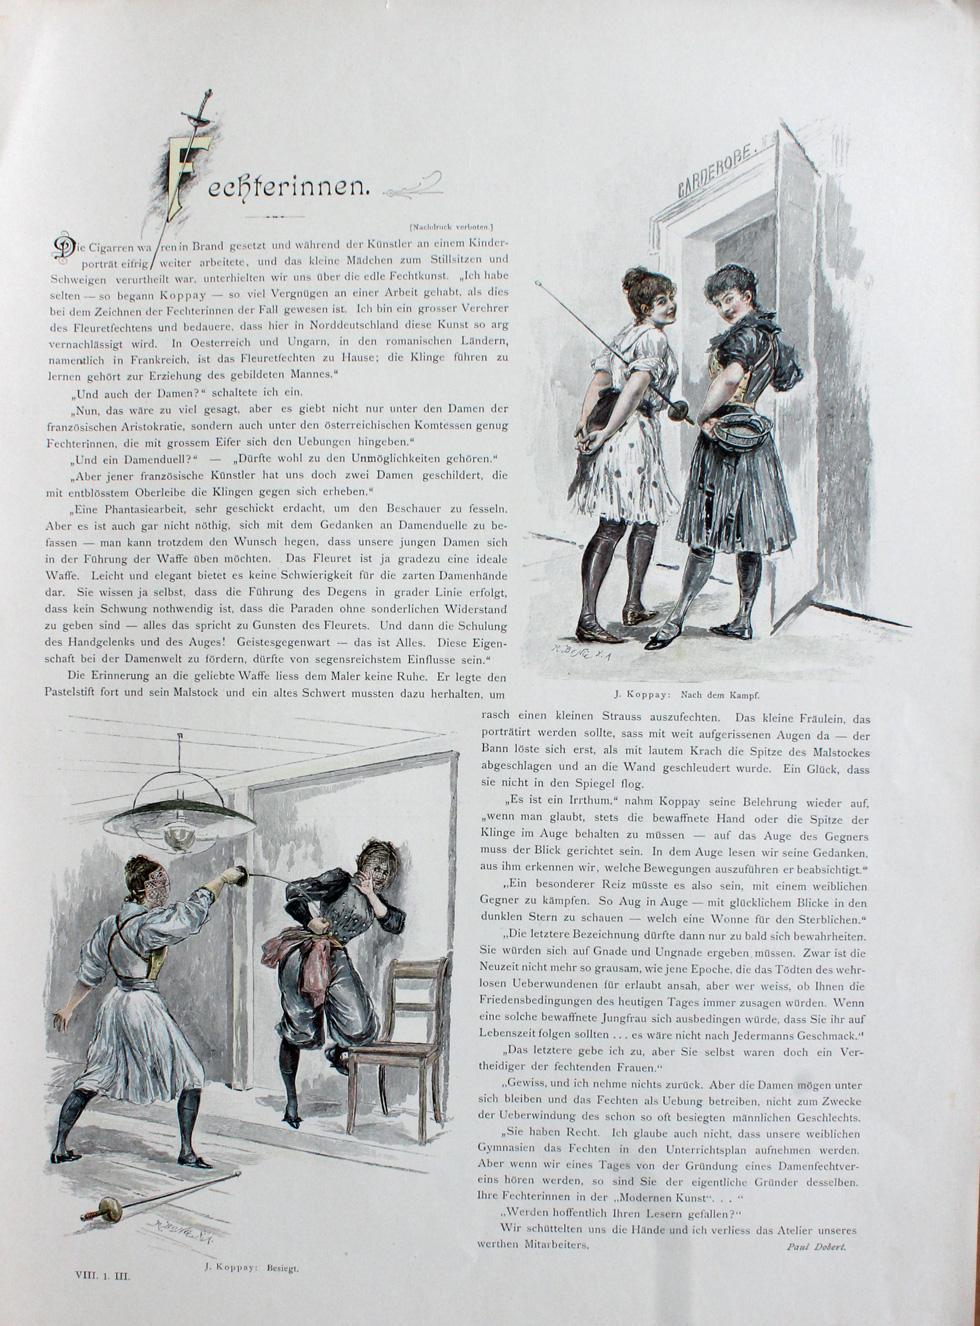 1894 Joseph Arnad Koppay A Moderne Kunst Annee VIII I Dobert